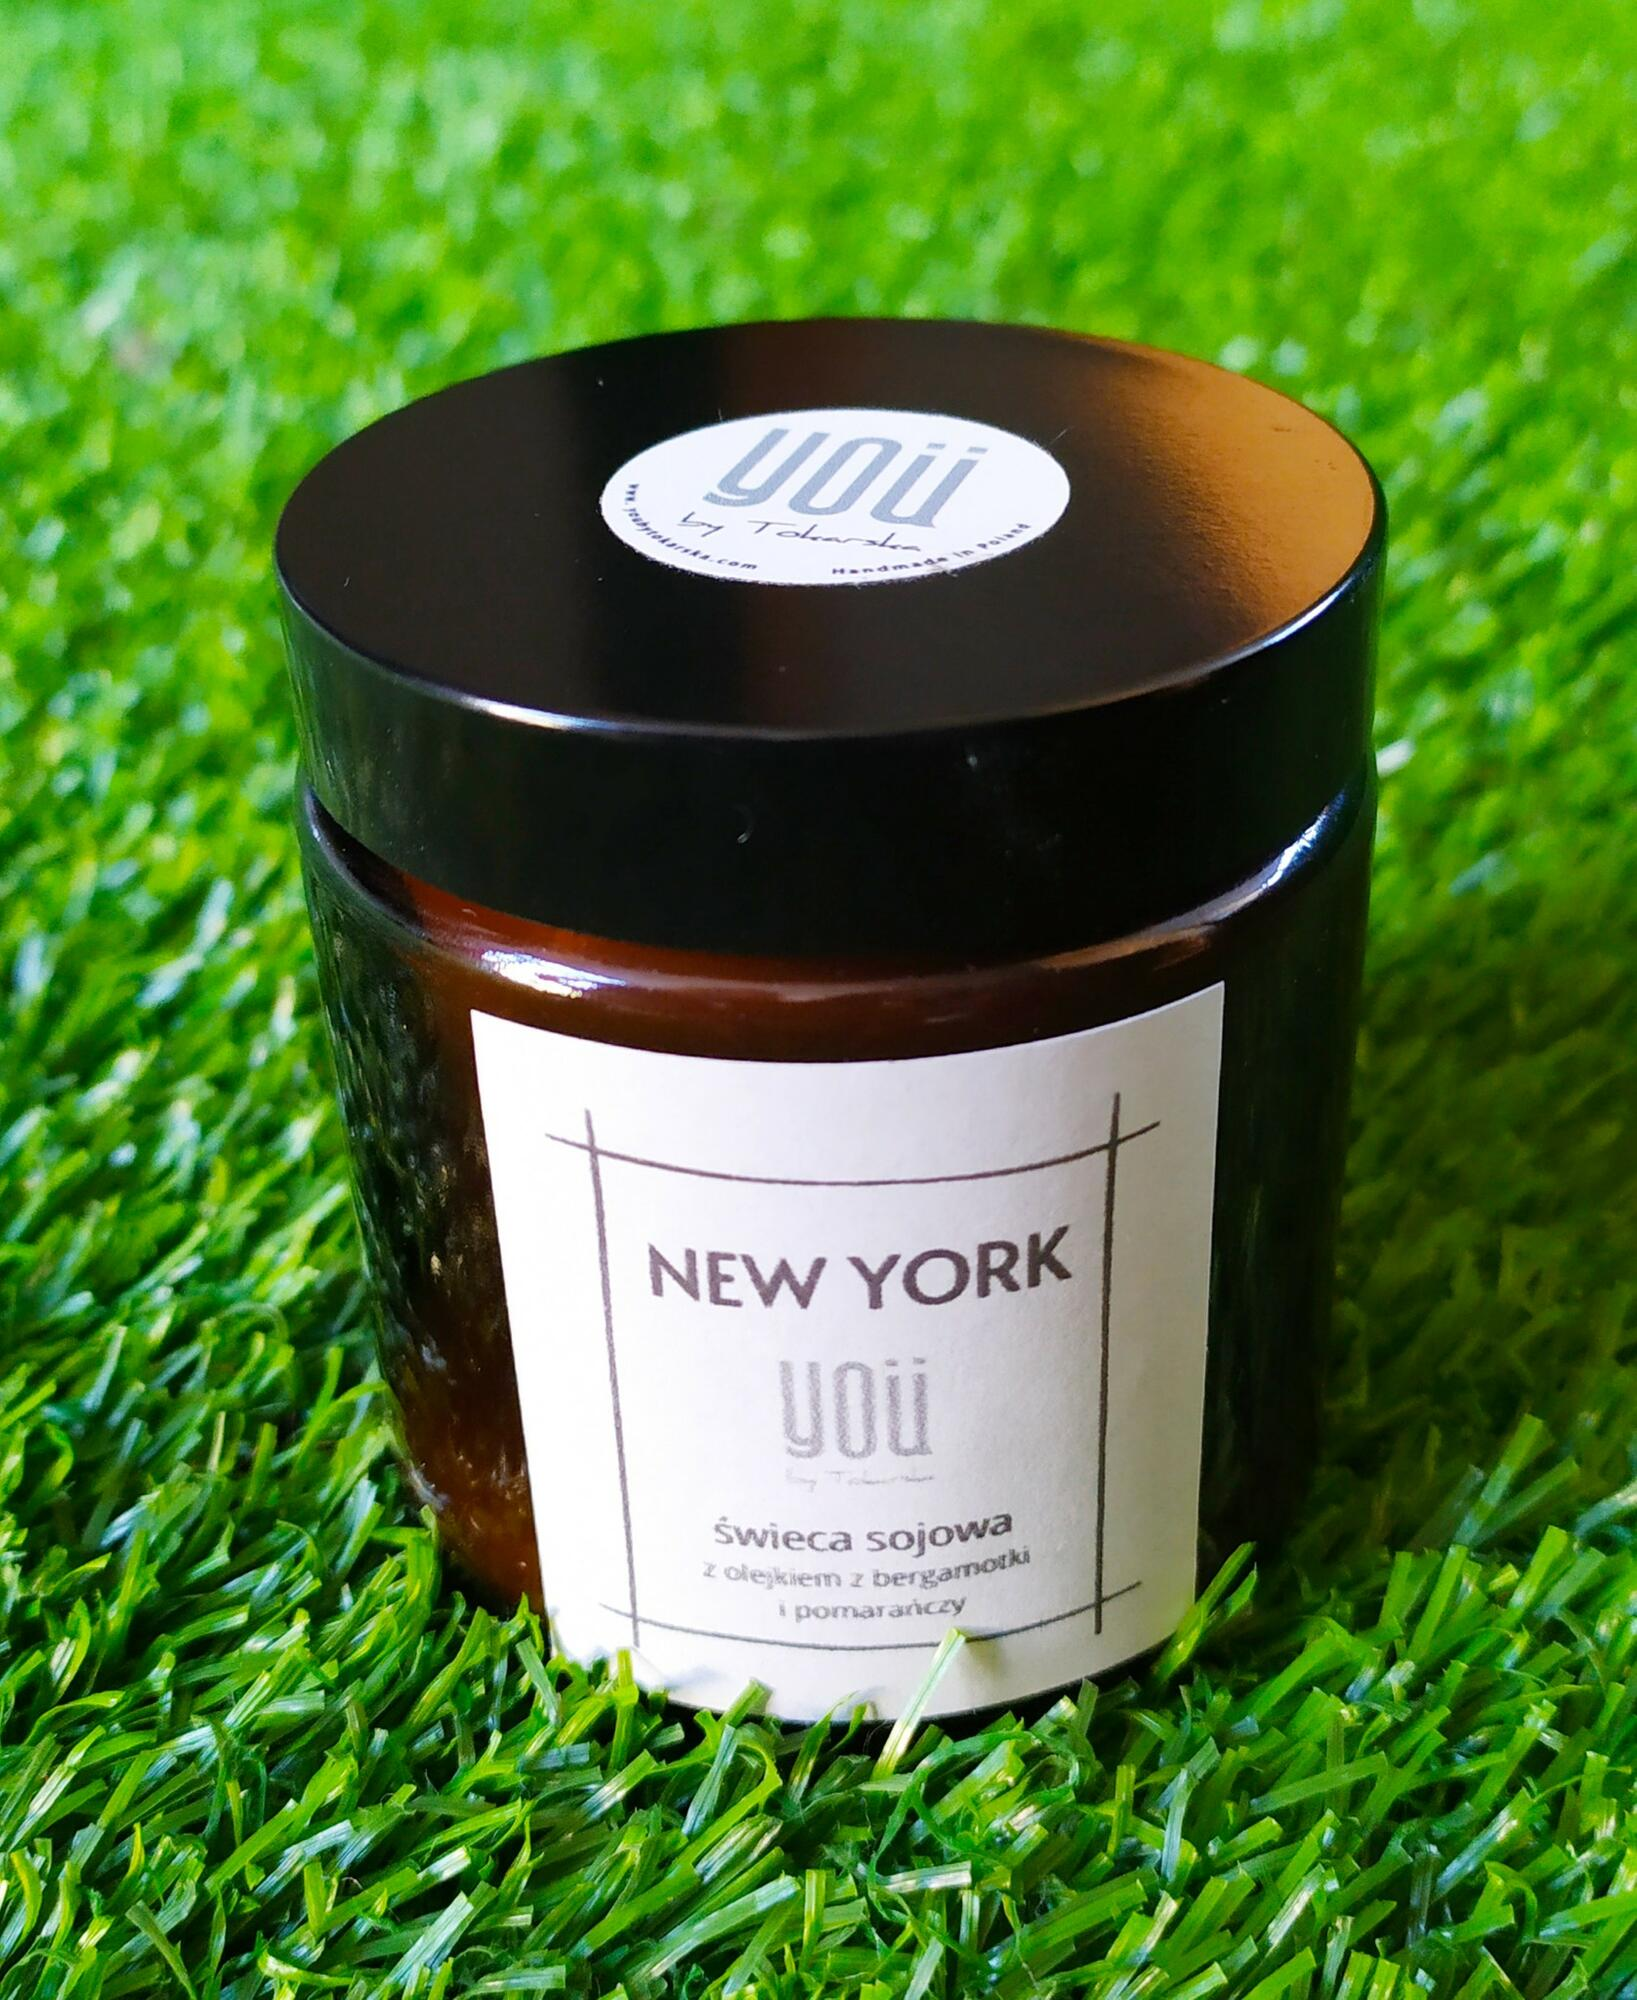 Rozbudzająca zmysły świeca sojowa vege New York - You by Tokarska   JestemSlow.pl